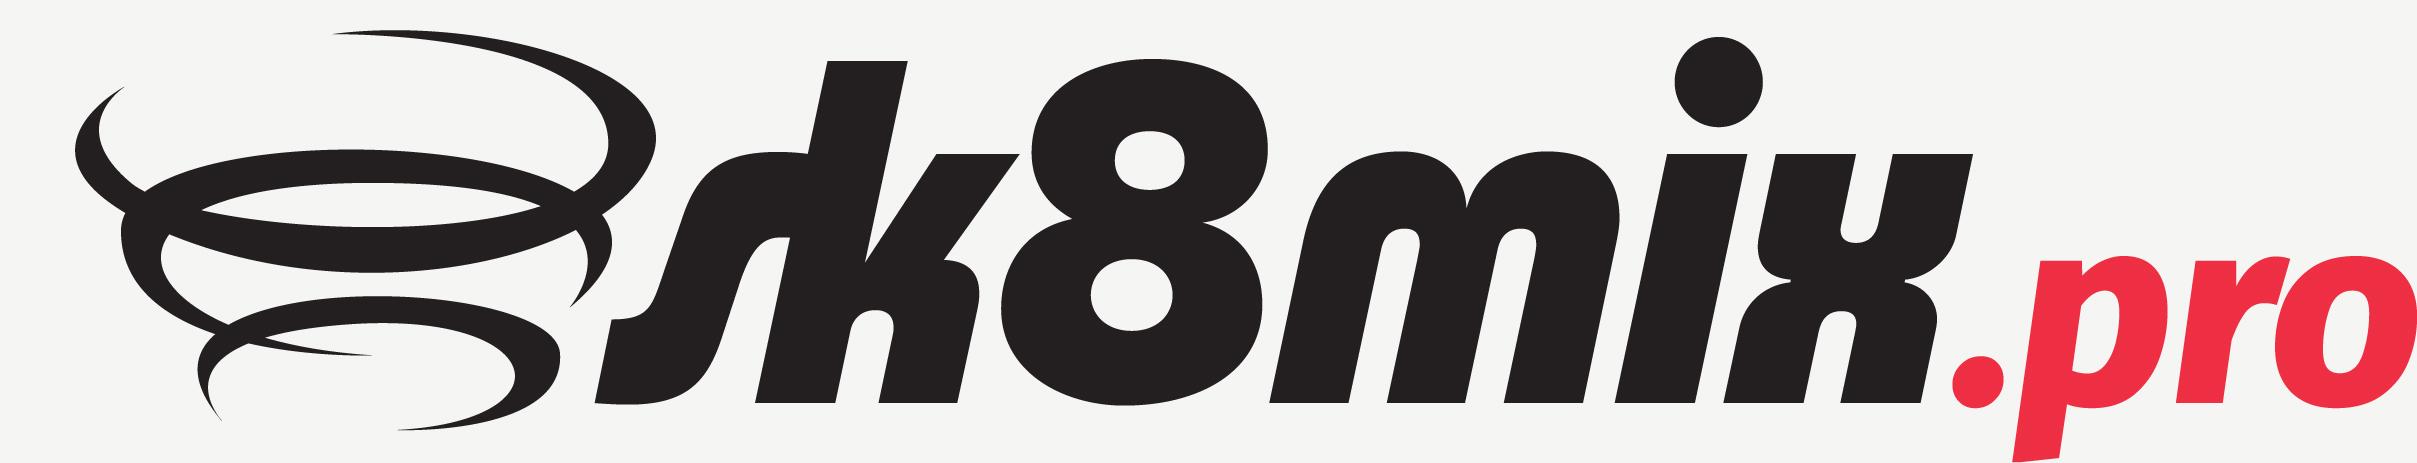 english-logo.jpg